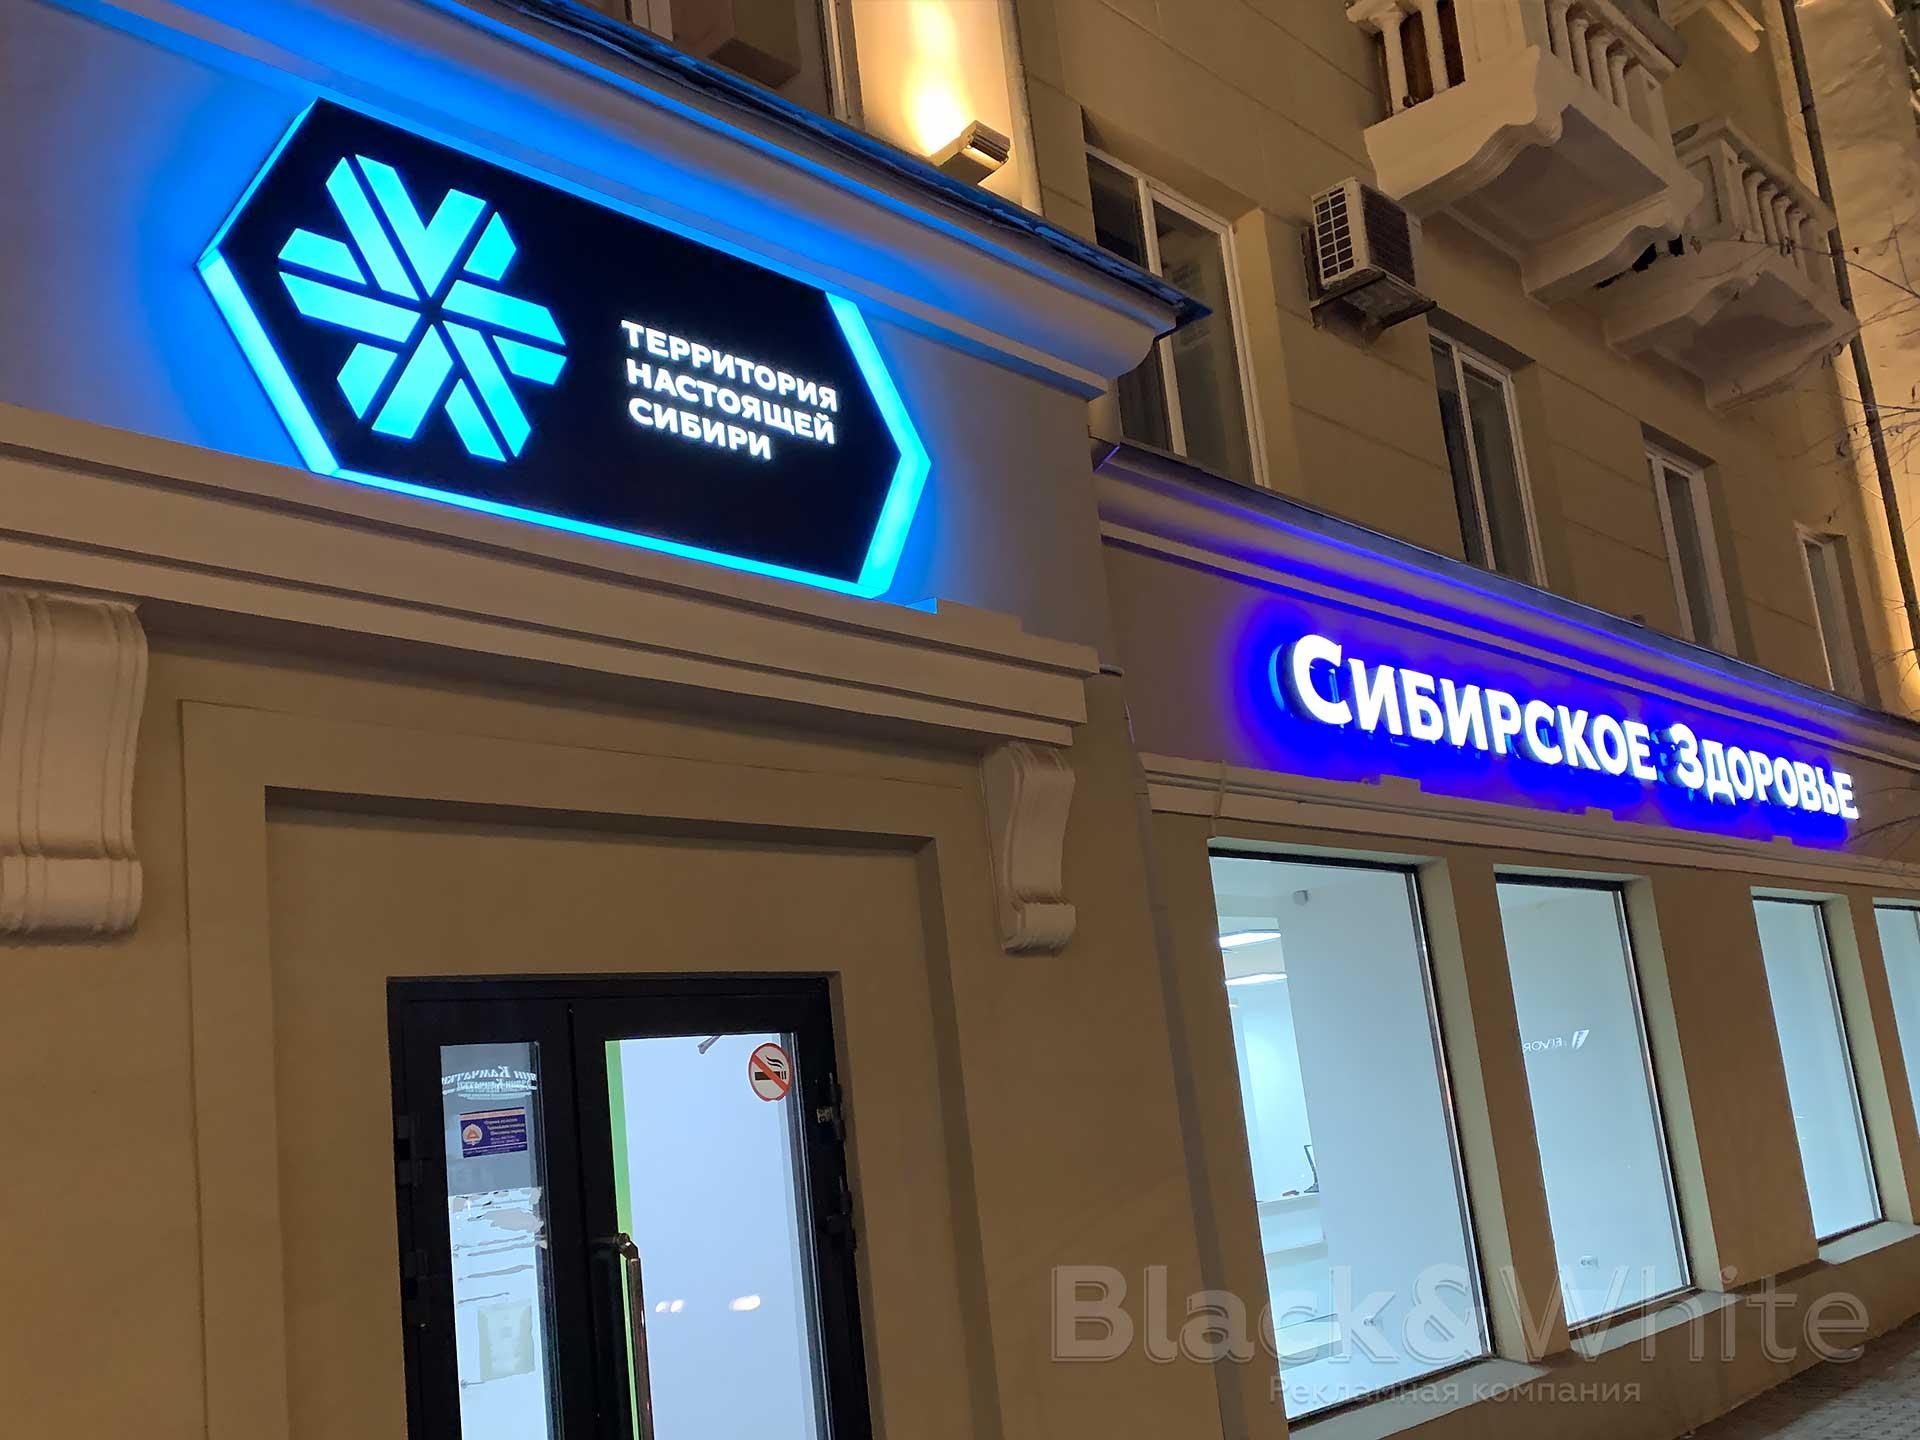 объёмные-буквы-с-внутреней-подсверкой-и-буквы-с-контражурной-подсветкой-Красноярск.....jpg